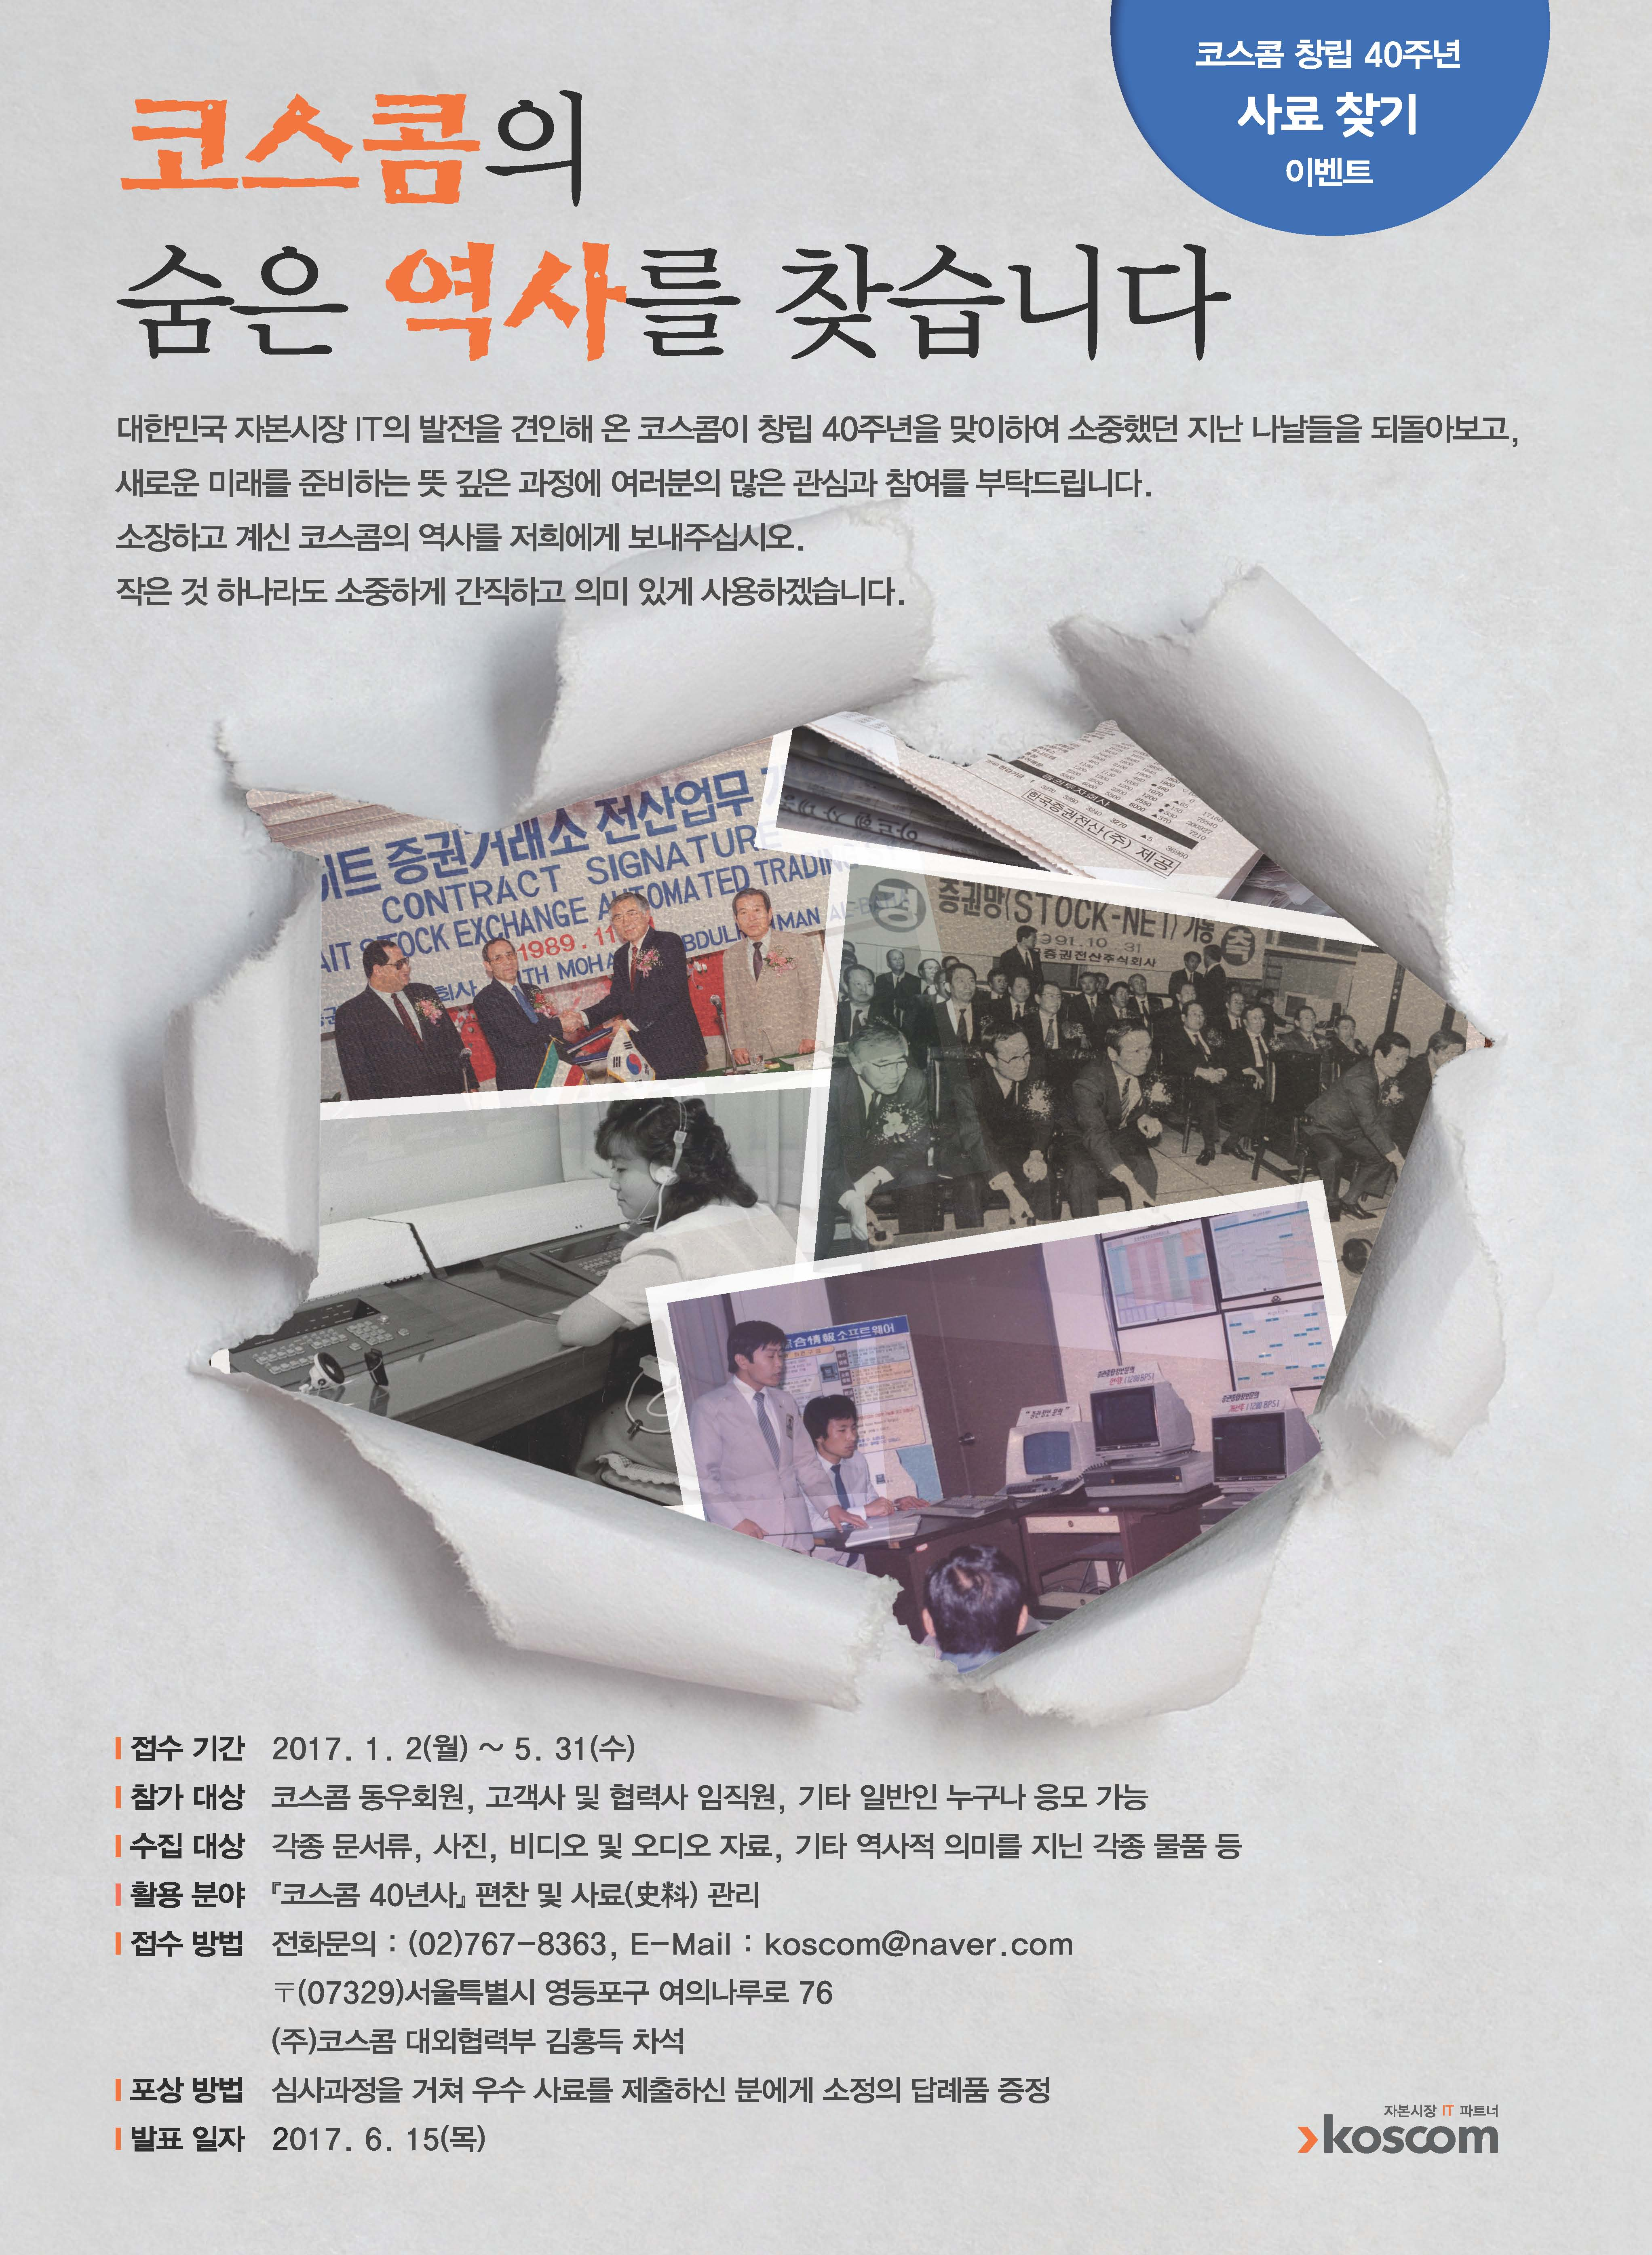 코스콤 창립40주년 사료찾기 이벤트